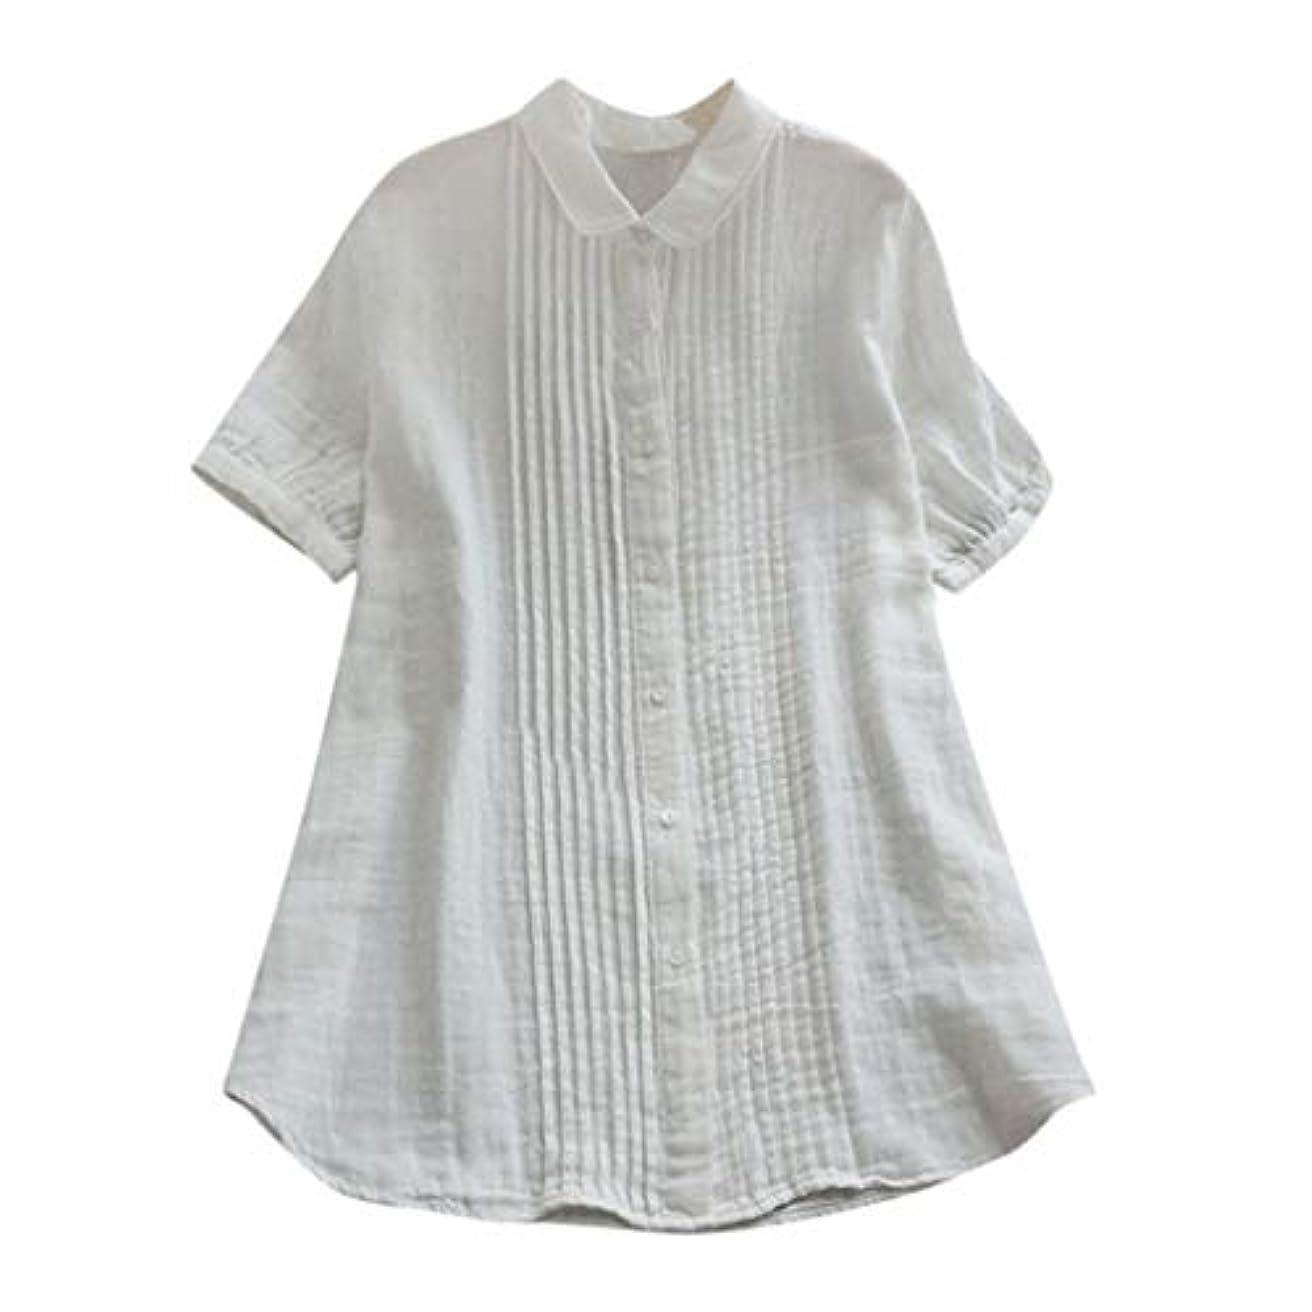 言うに渡ってはちみつ女性の半袖Tシャツ - ピーターパンカラー夏緩い無地カジュアルダウントップスブラウス (白, S)